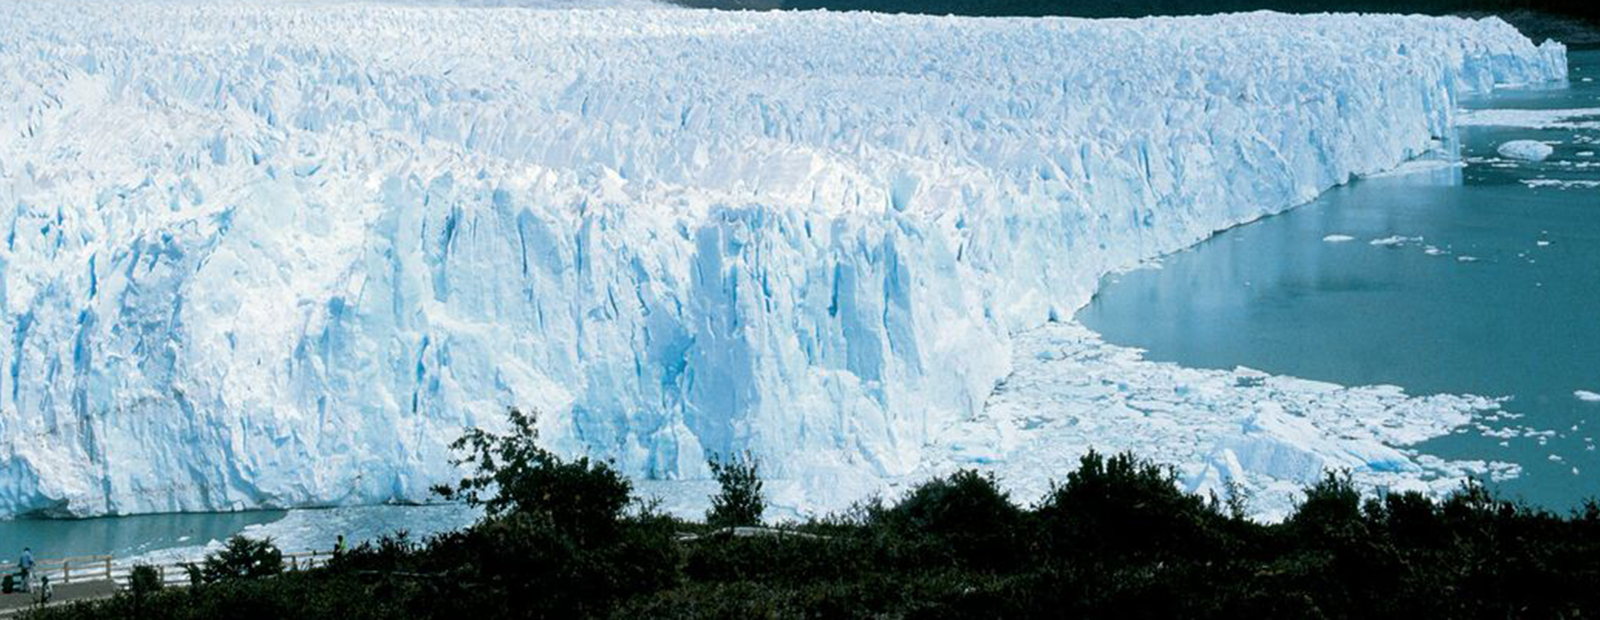 Vacaciones de invierno. Turismo AMUMAP. Beneficios para afiliados a Femeca